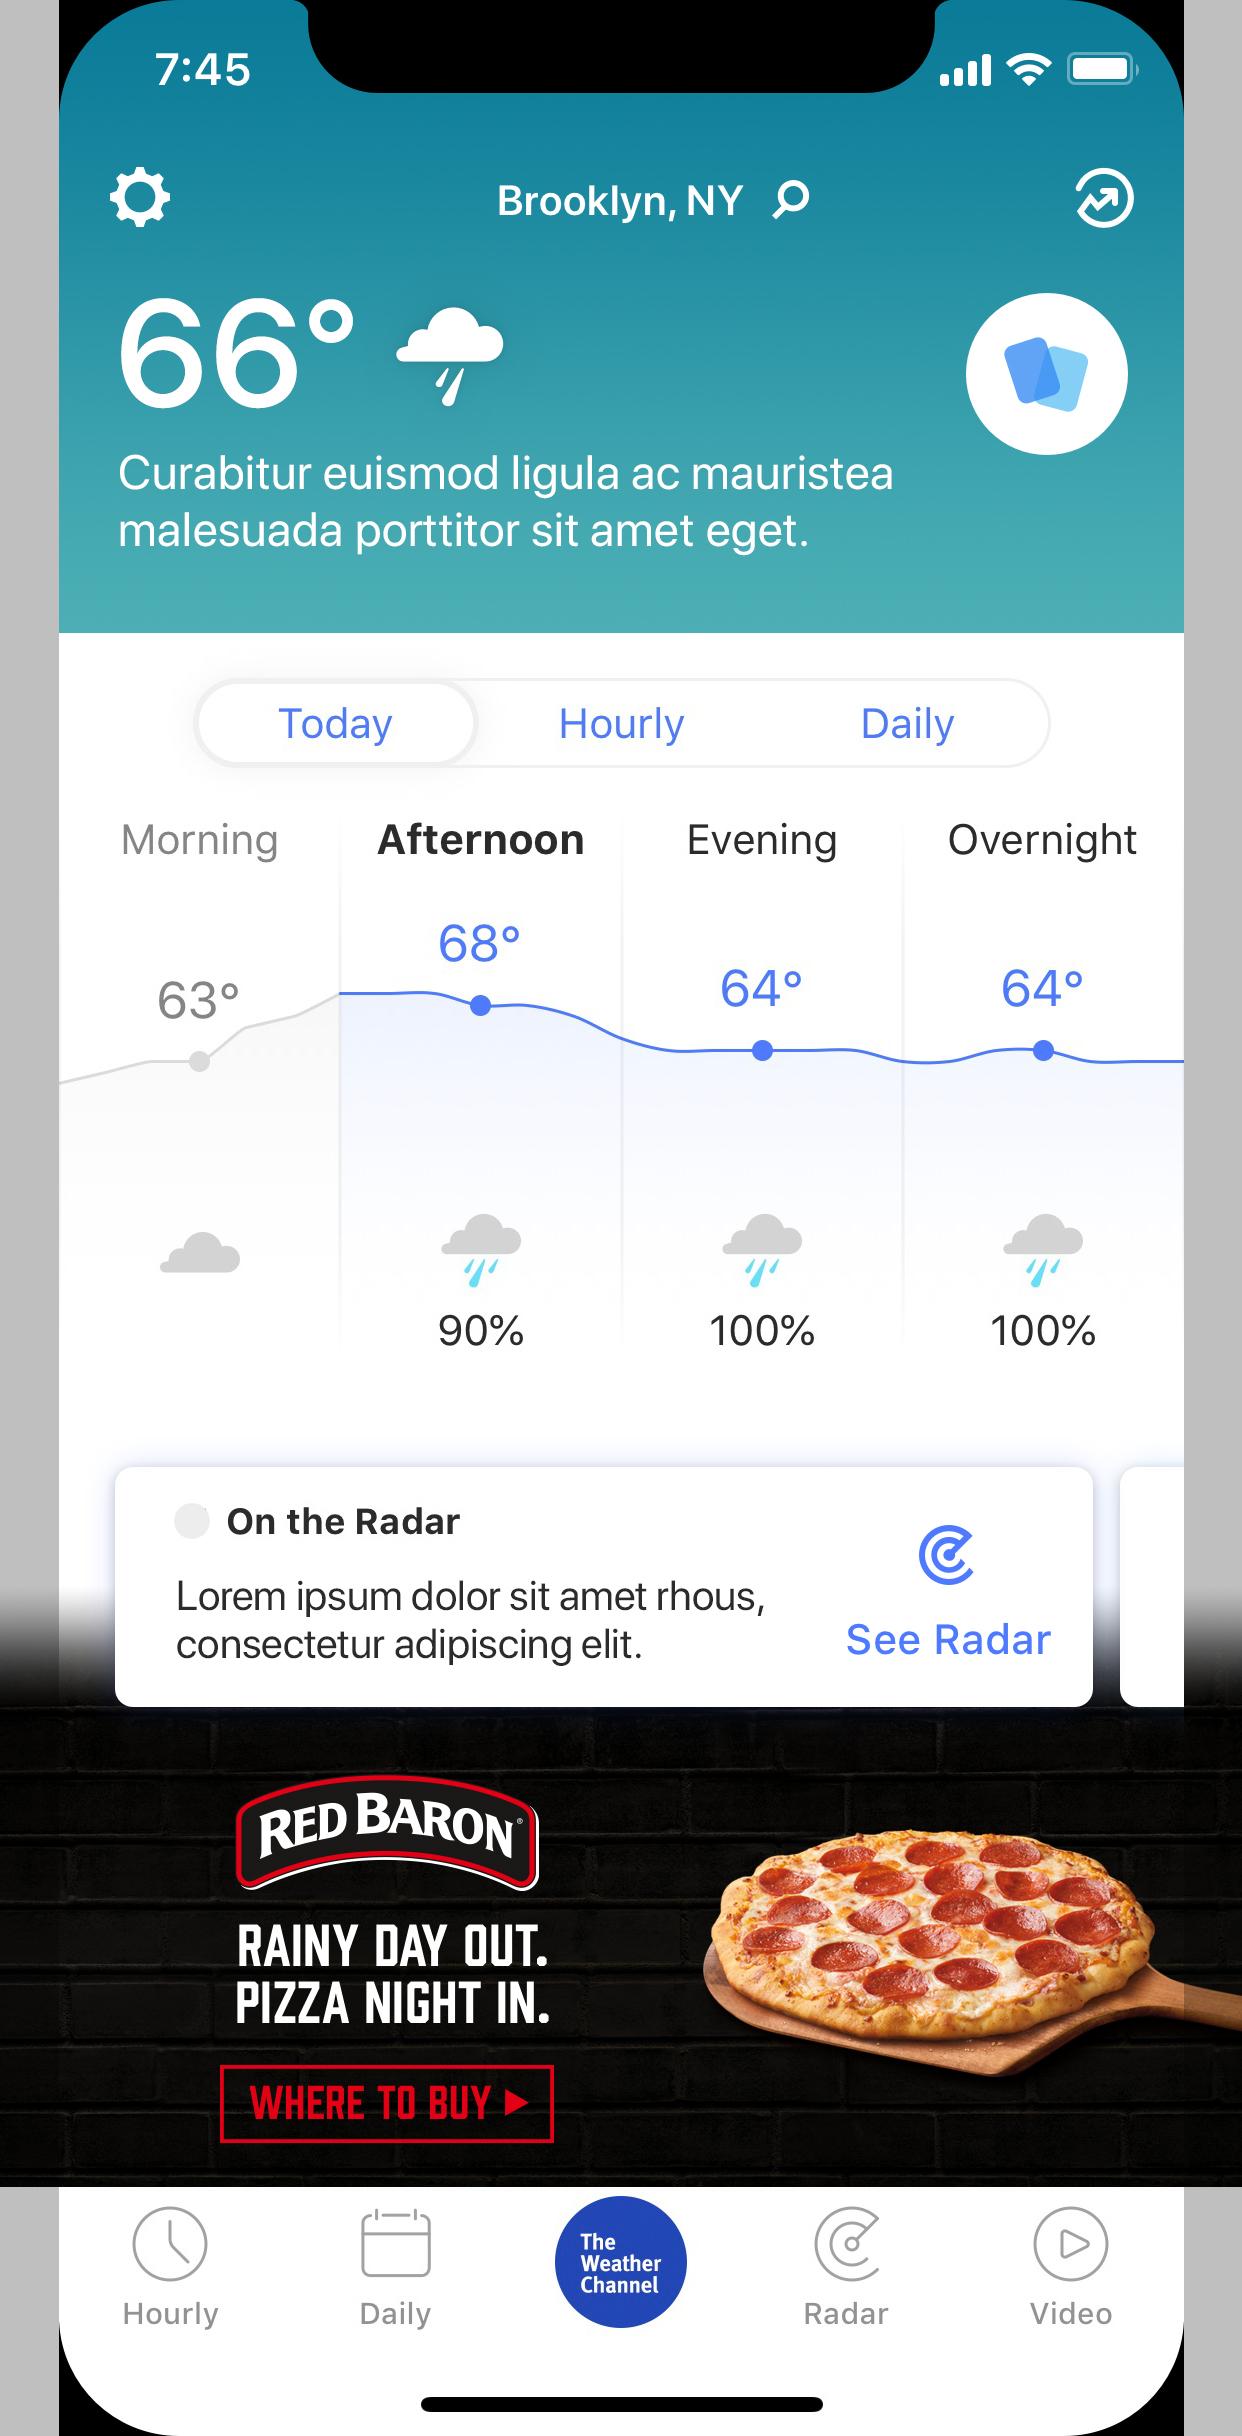 RedBaron_Mobile_LRG_0004_Rainy Day